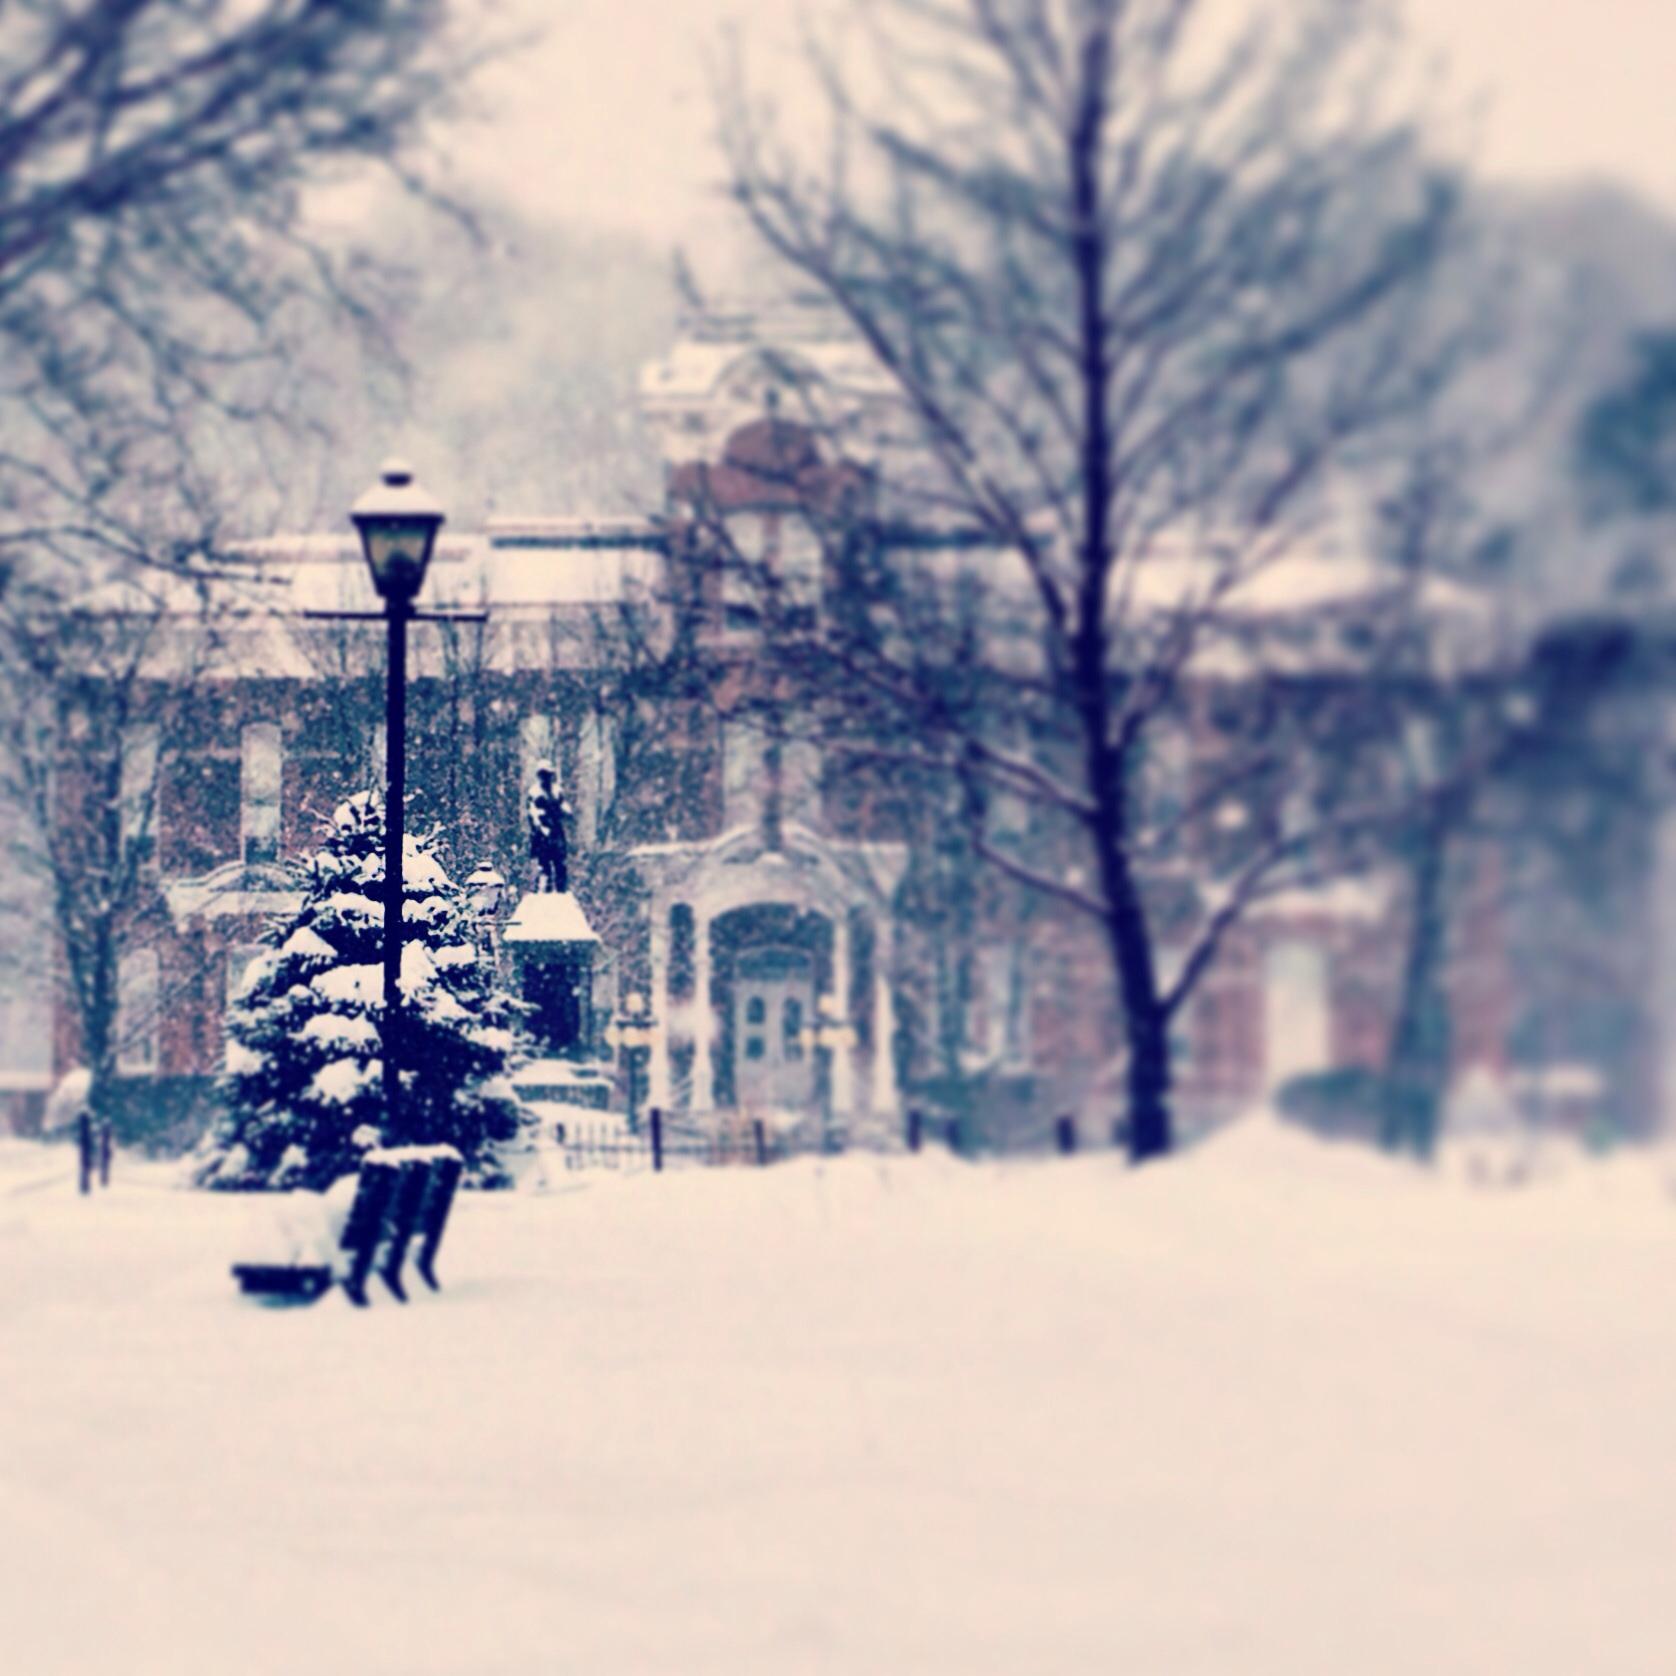 Winter Wonderland Honesdale Central Park